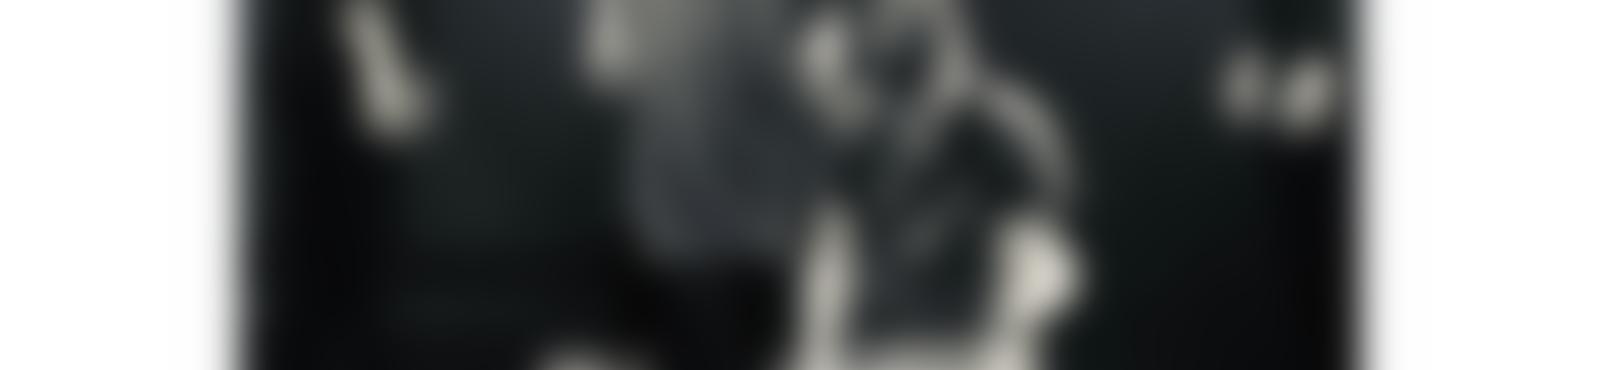 Blurred 1681a85c 9d6f 4ed7 b2bf 8419d27b2cee